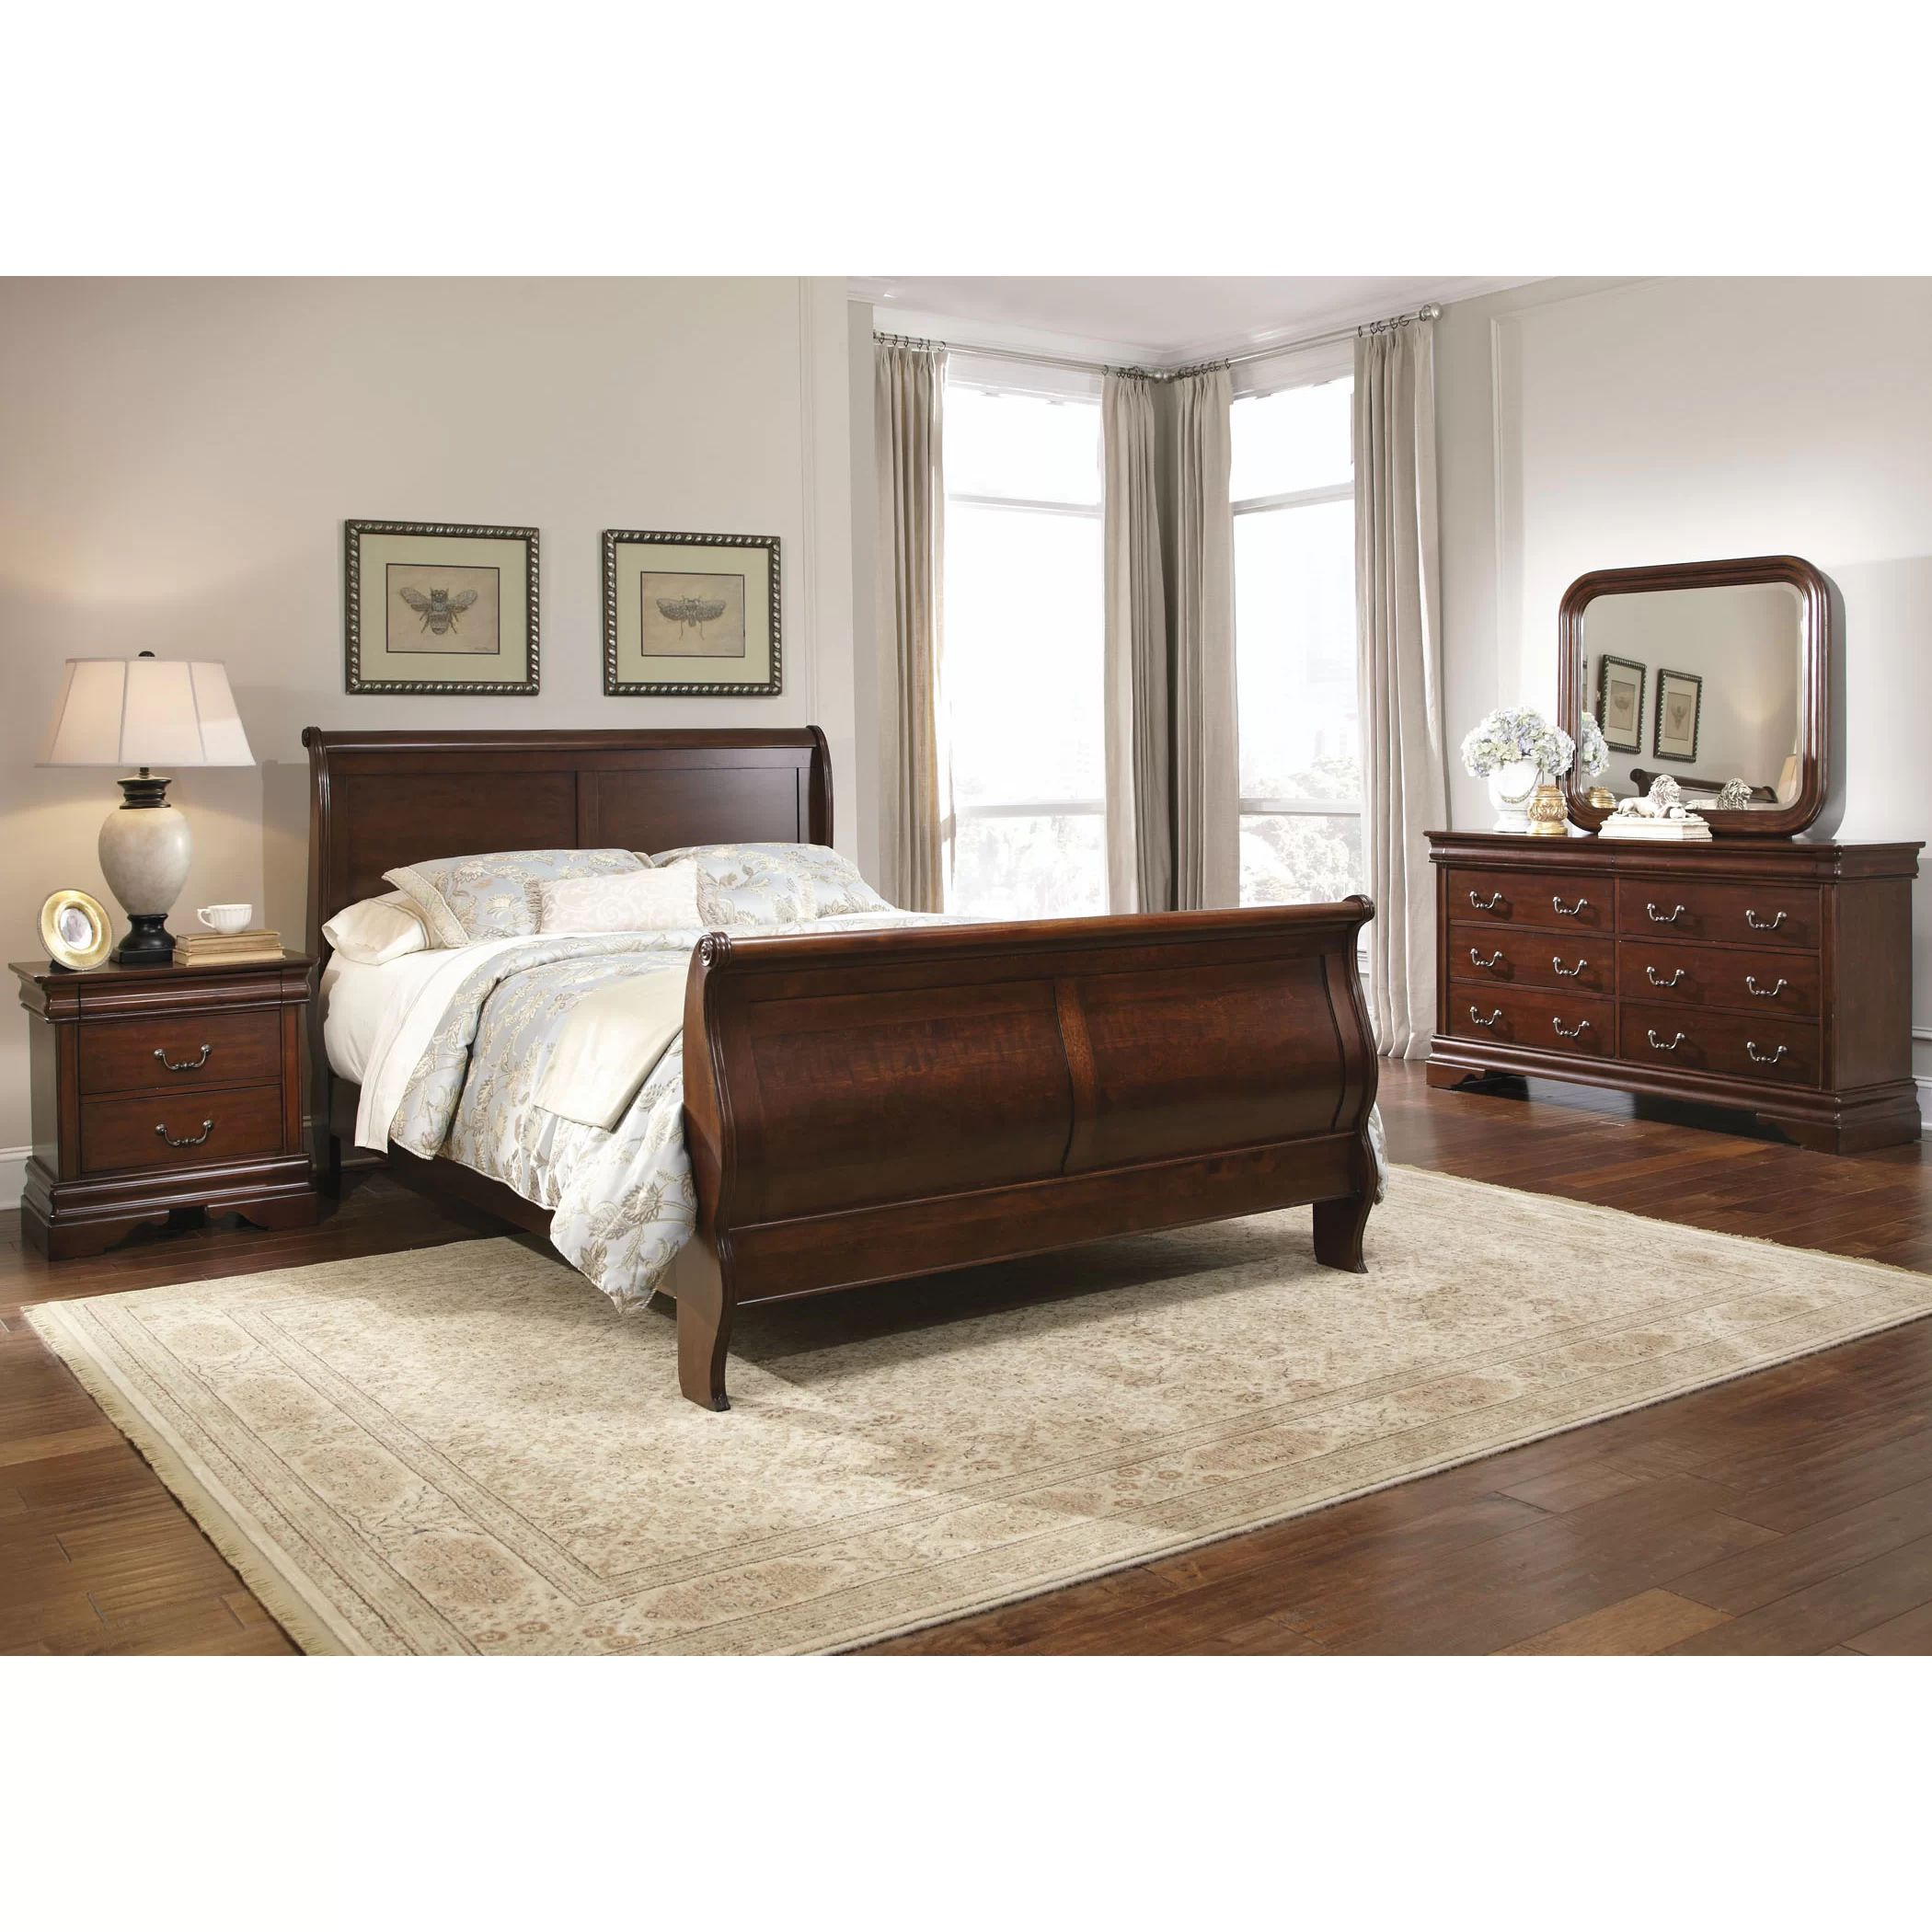 Bedroom Furniture Kids Bedroom Sets Liberty Furniture Sku Lif1263